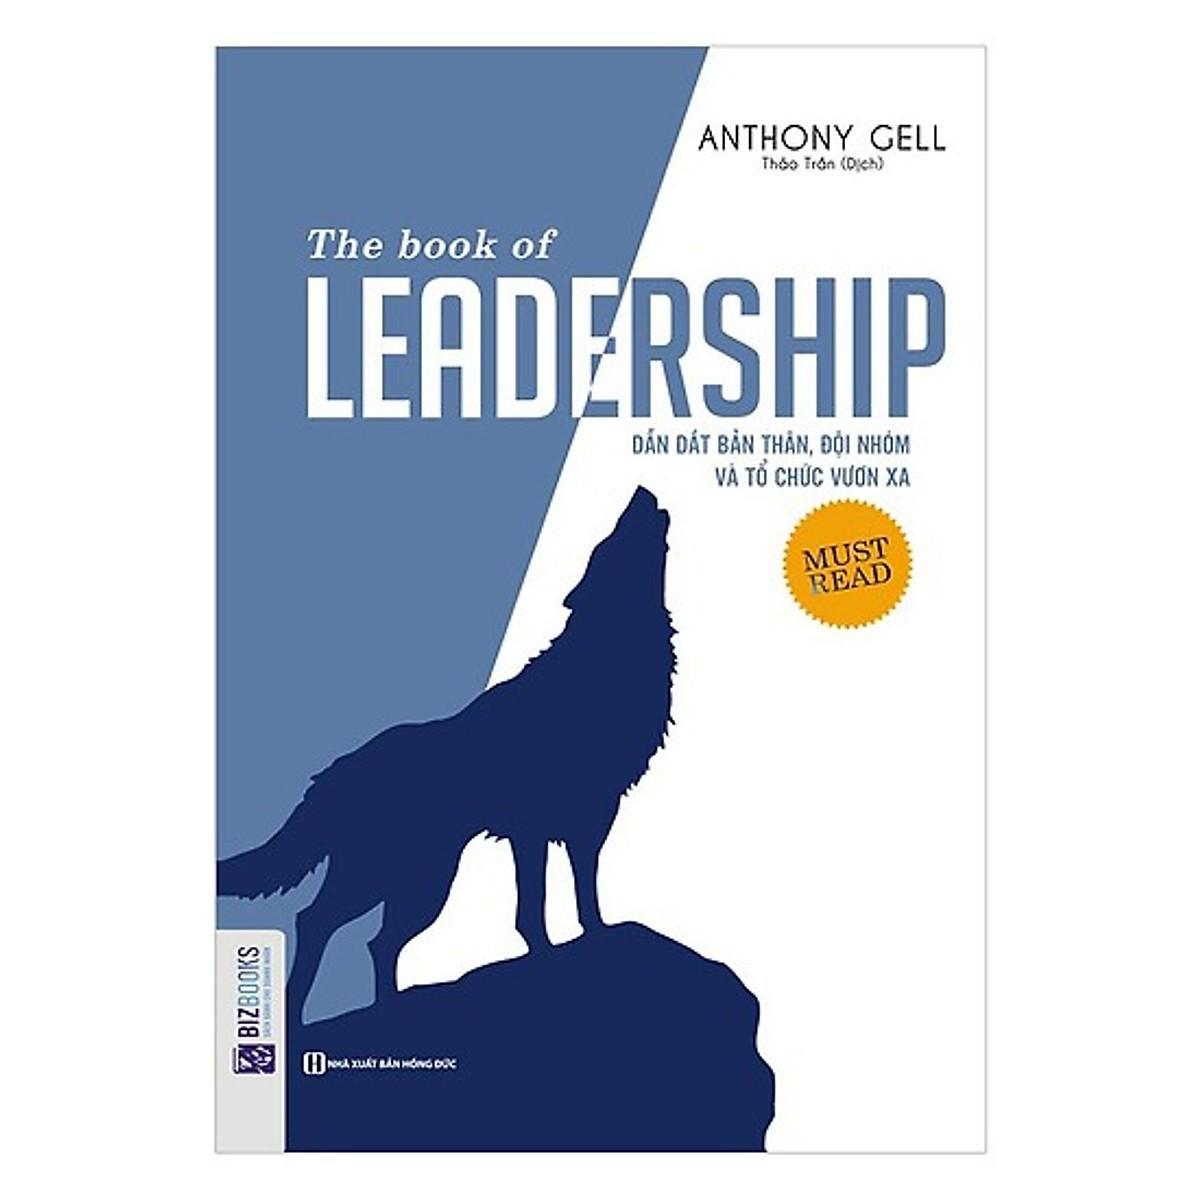 Mua The book of leadership-Dẫn dắt bản thân, đội nhóm và tổ chức vươn xa